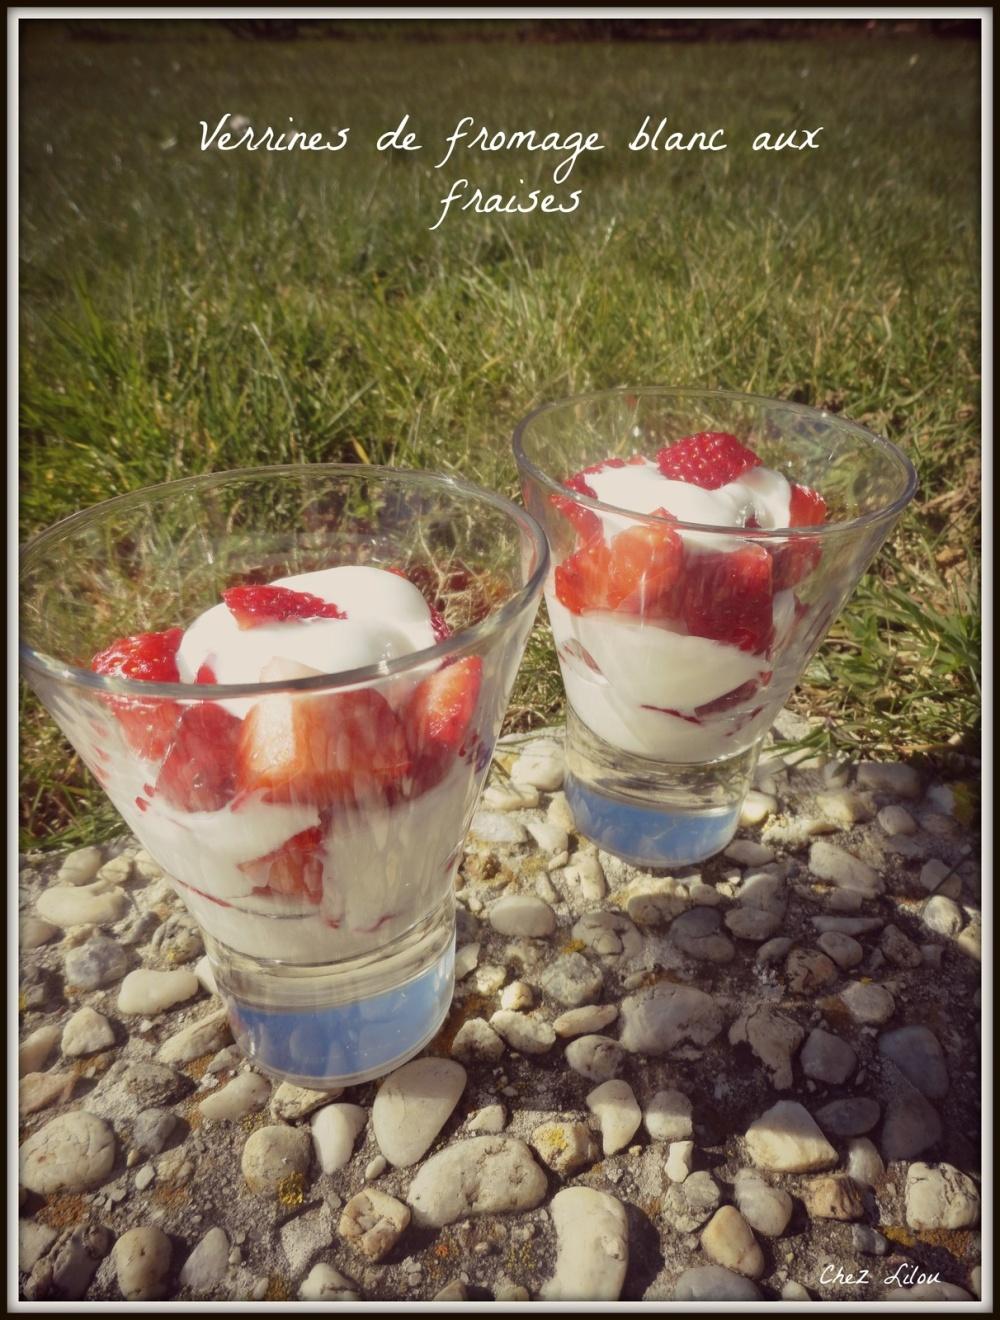 verrines-de-fromage-blanc-aux-fraises